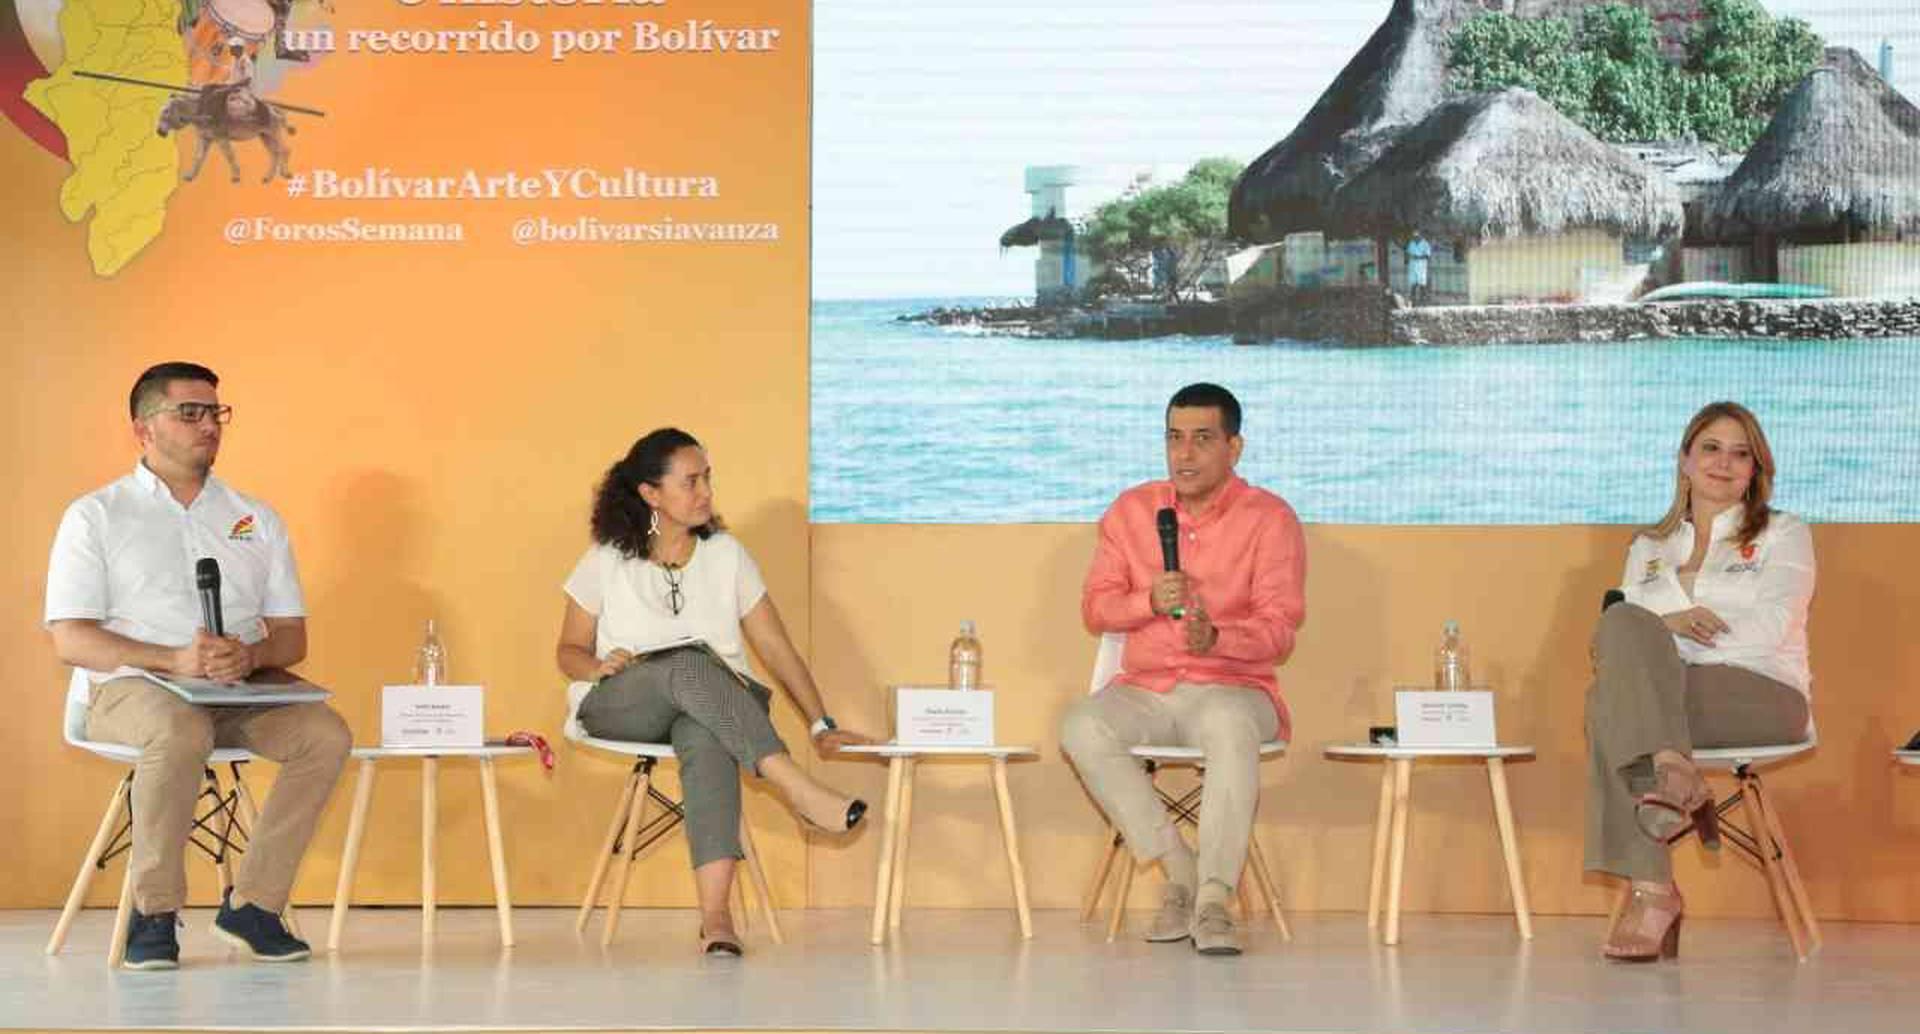 Foro 'Arte, cultura e historia, un recorrido por Bolívar', 17 de diciembre, Cartagena.